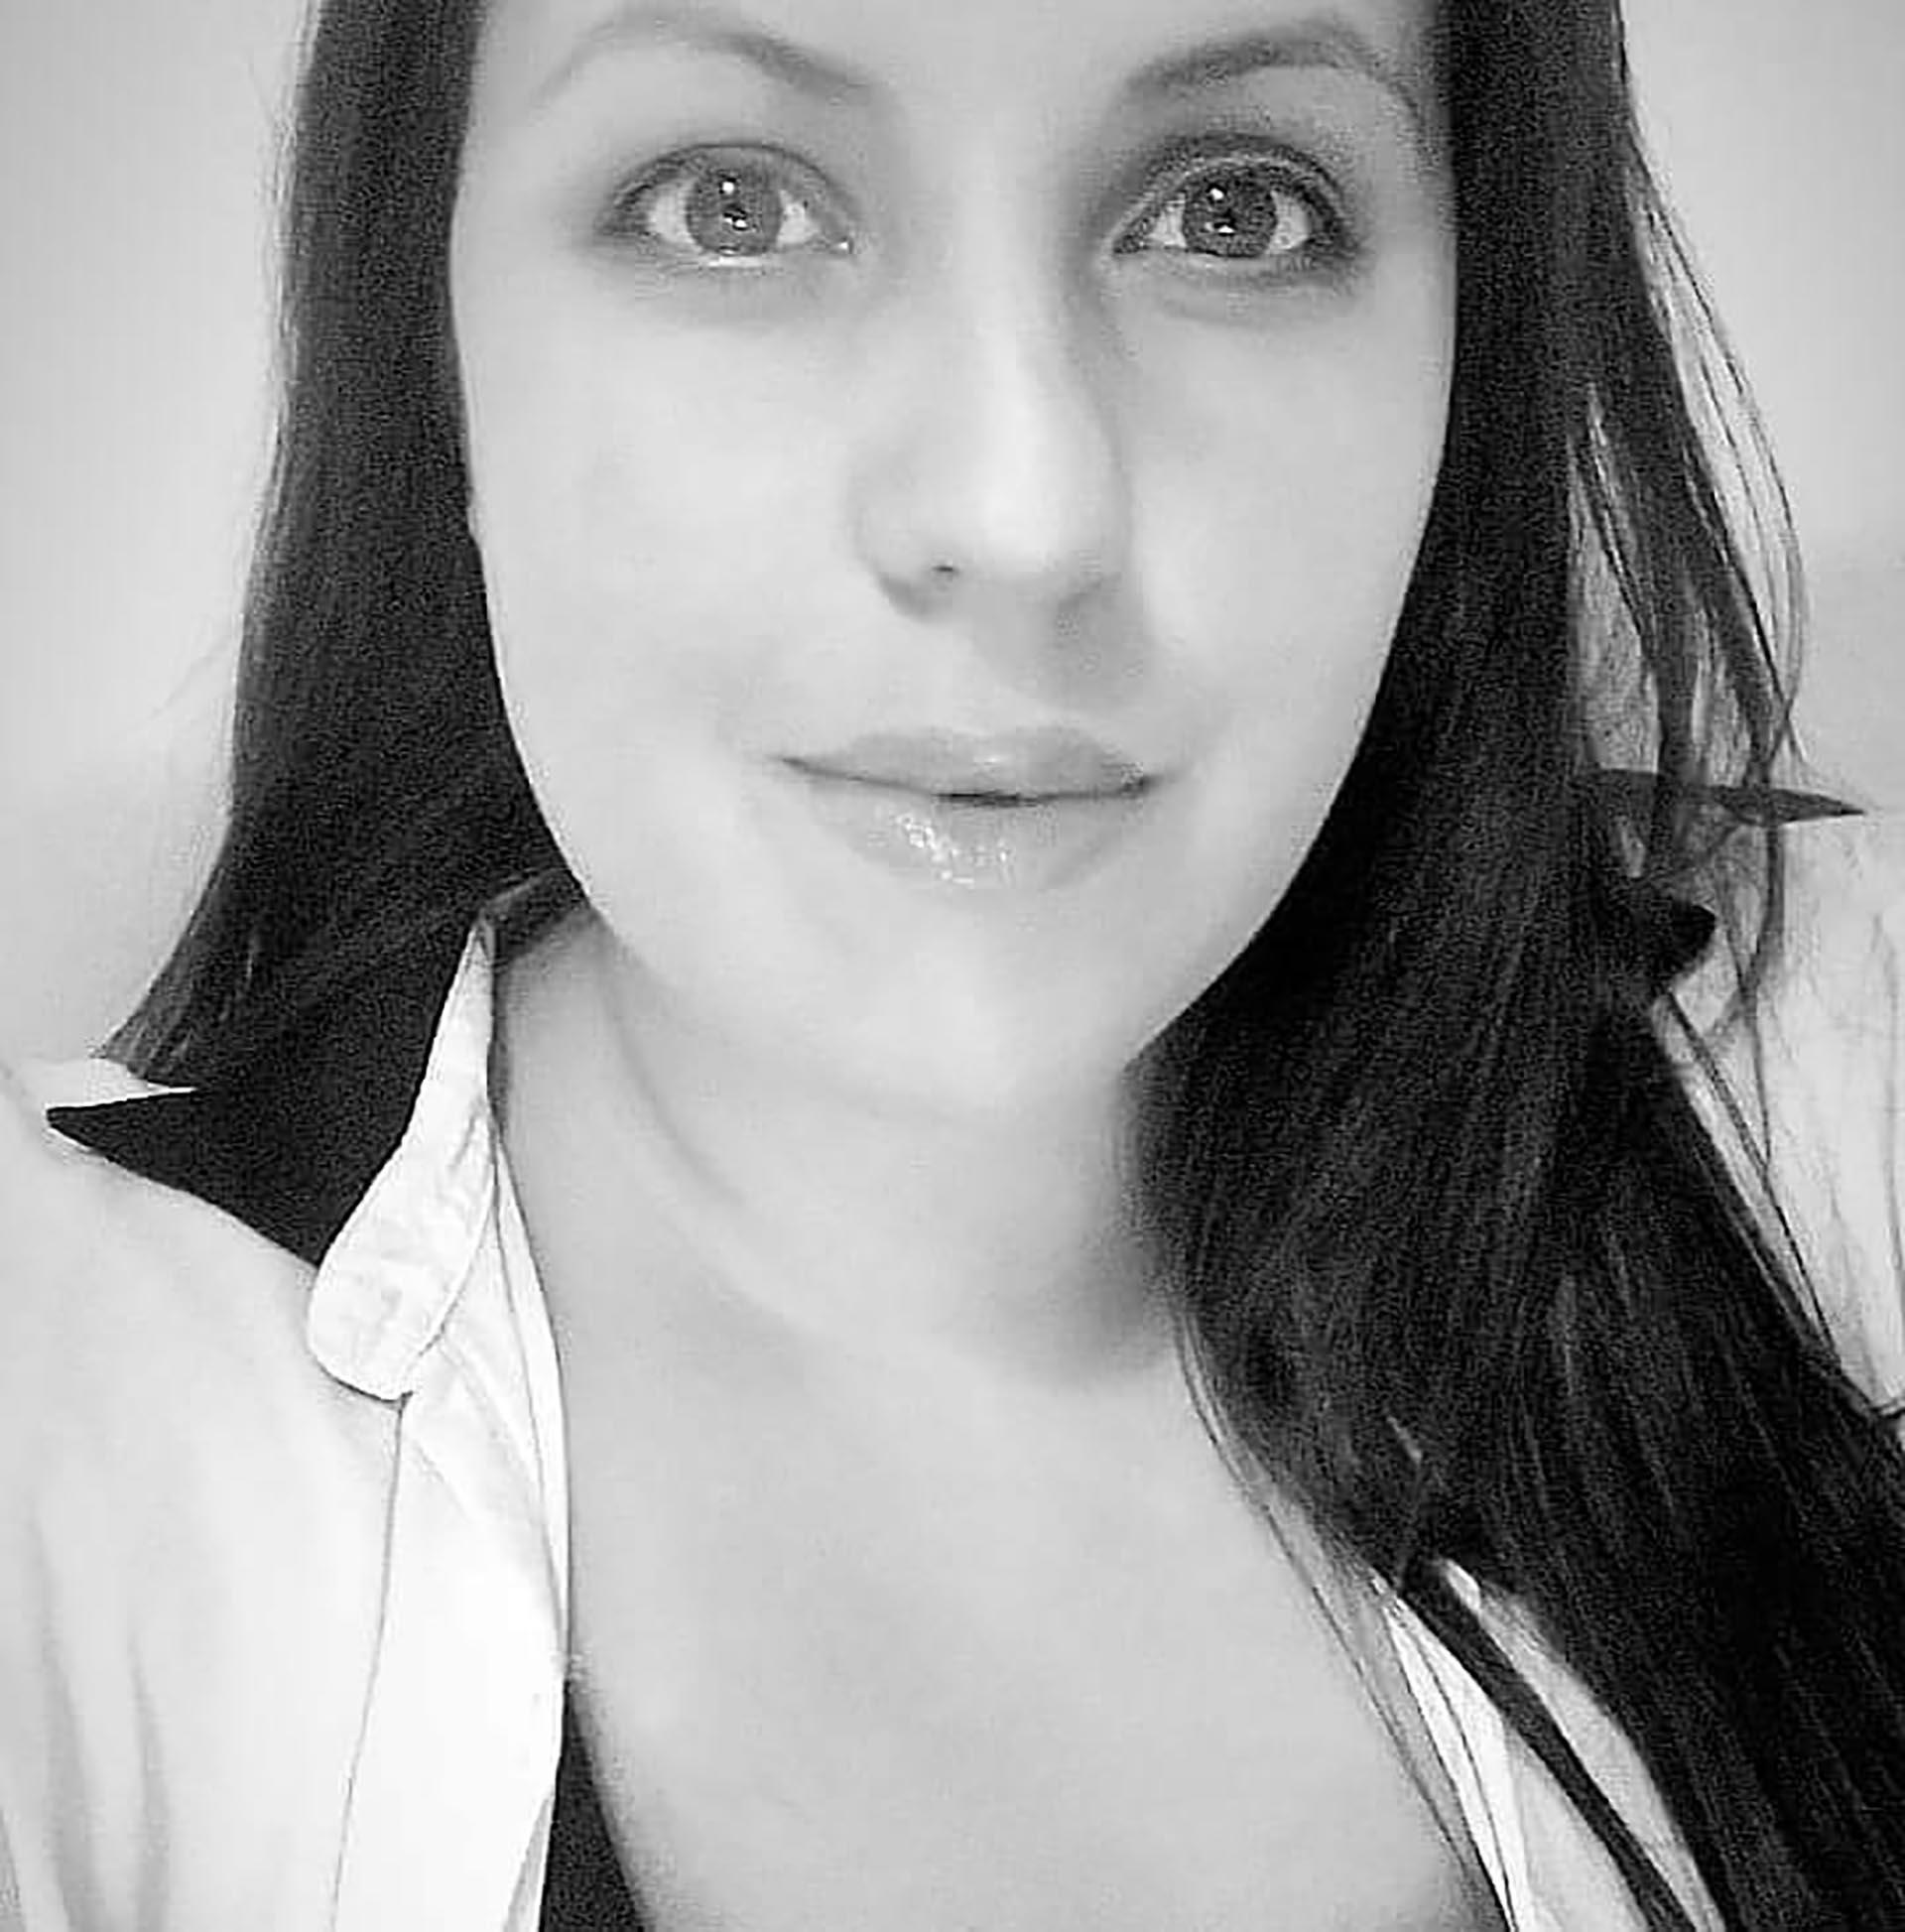 De hija adoptiva a activista: Hoy Natalia impulsa campañas sobre la adopción de niñosy adolescentes.